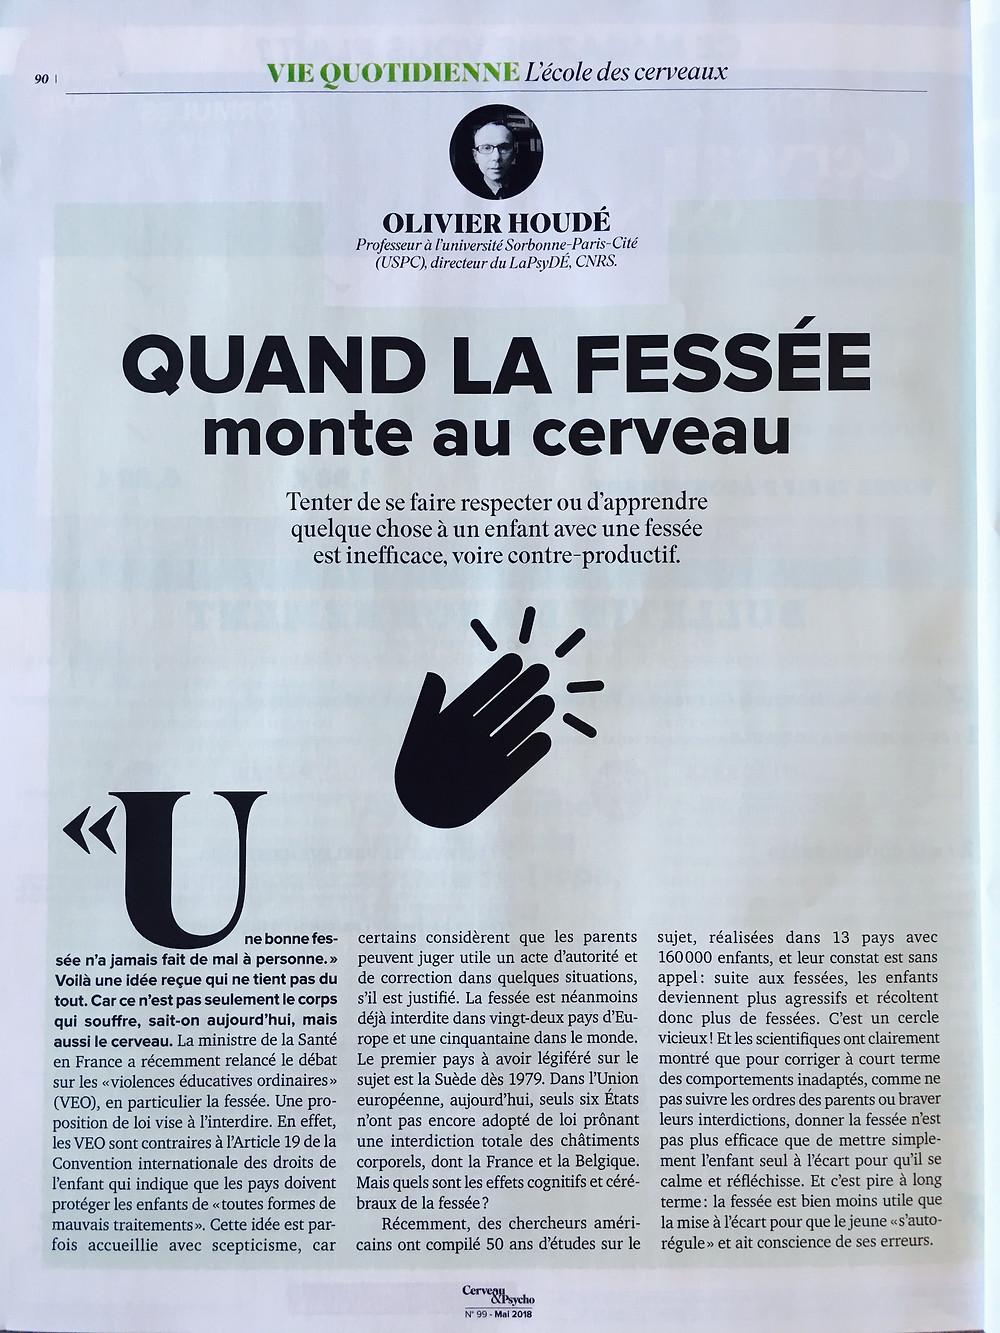 Quand la fessée monte au cerveau - Cerveau&Psycho 99 - Olivier Houdé